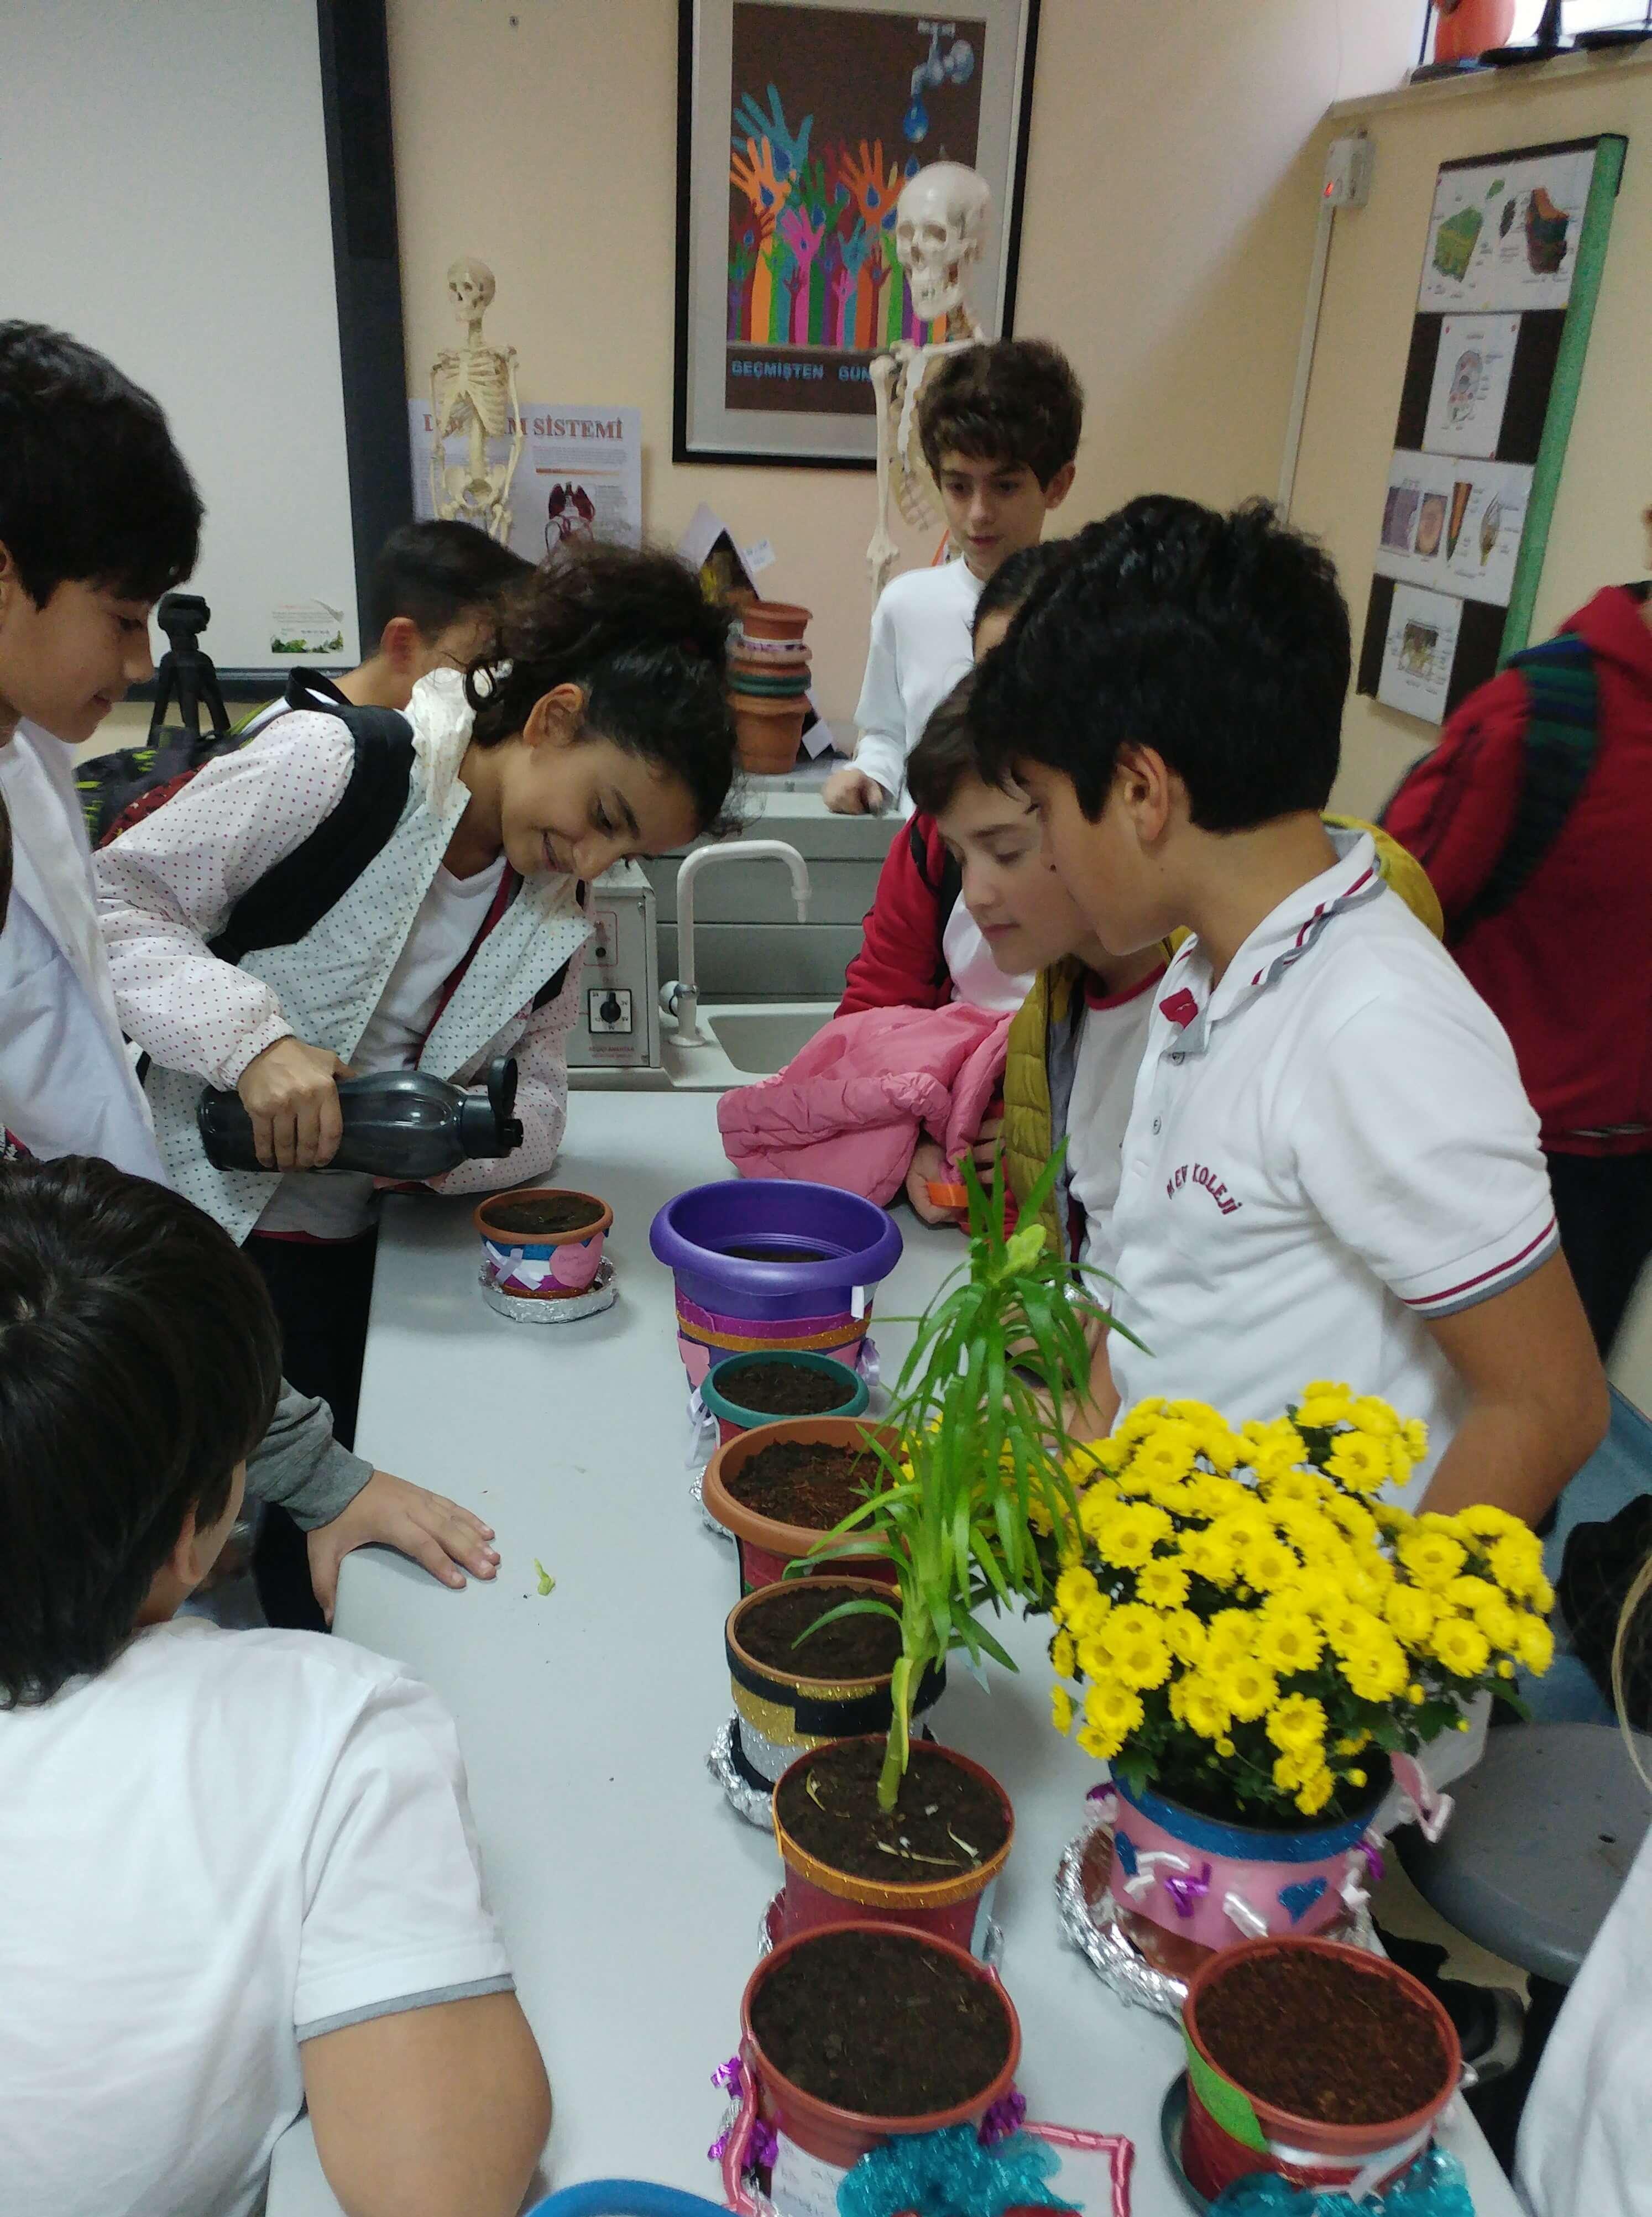 Çevre Kulübü Öğrencilerimiz Çiçek Ekimi Gerçekleştirdiler